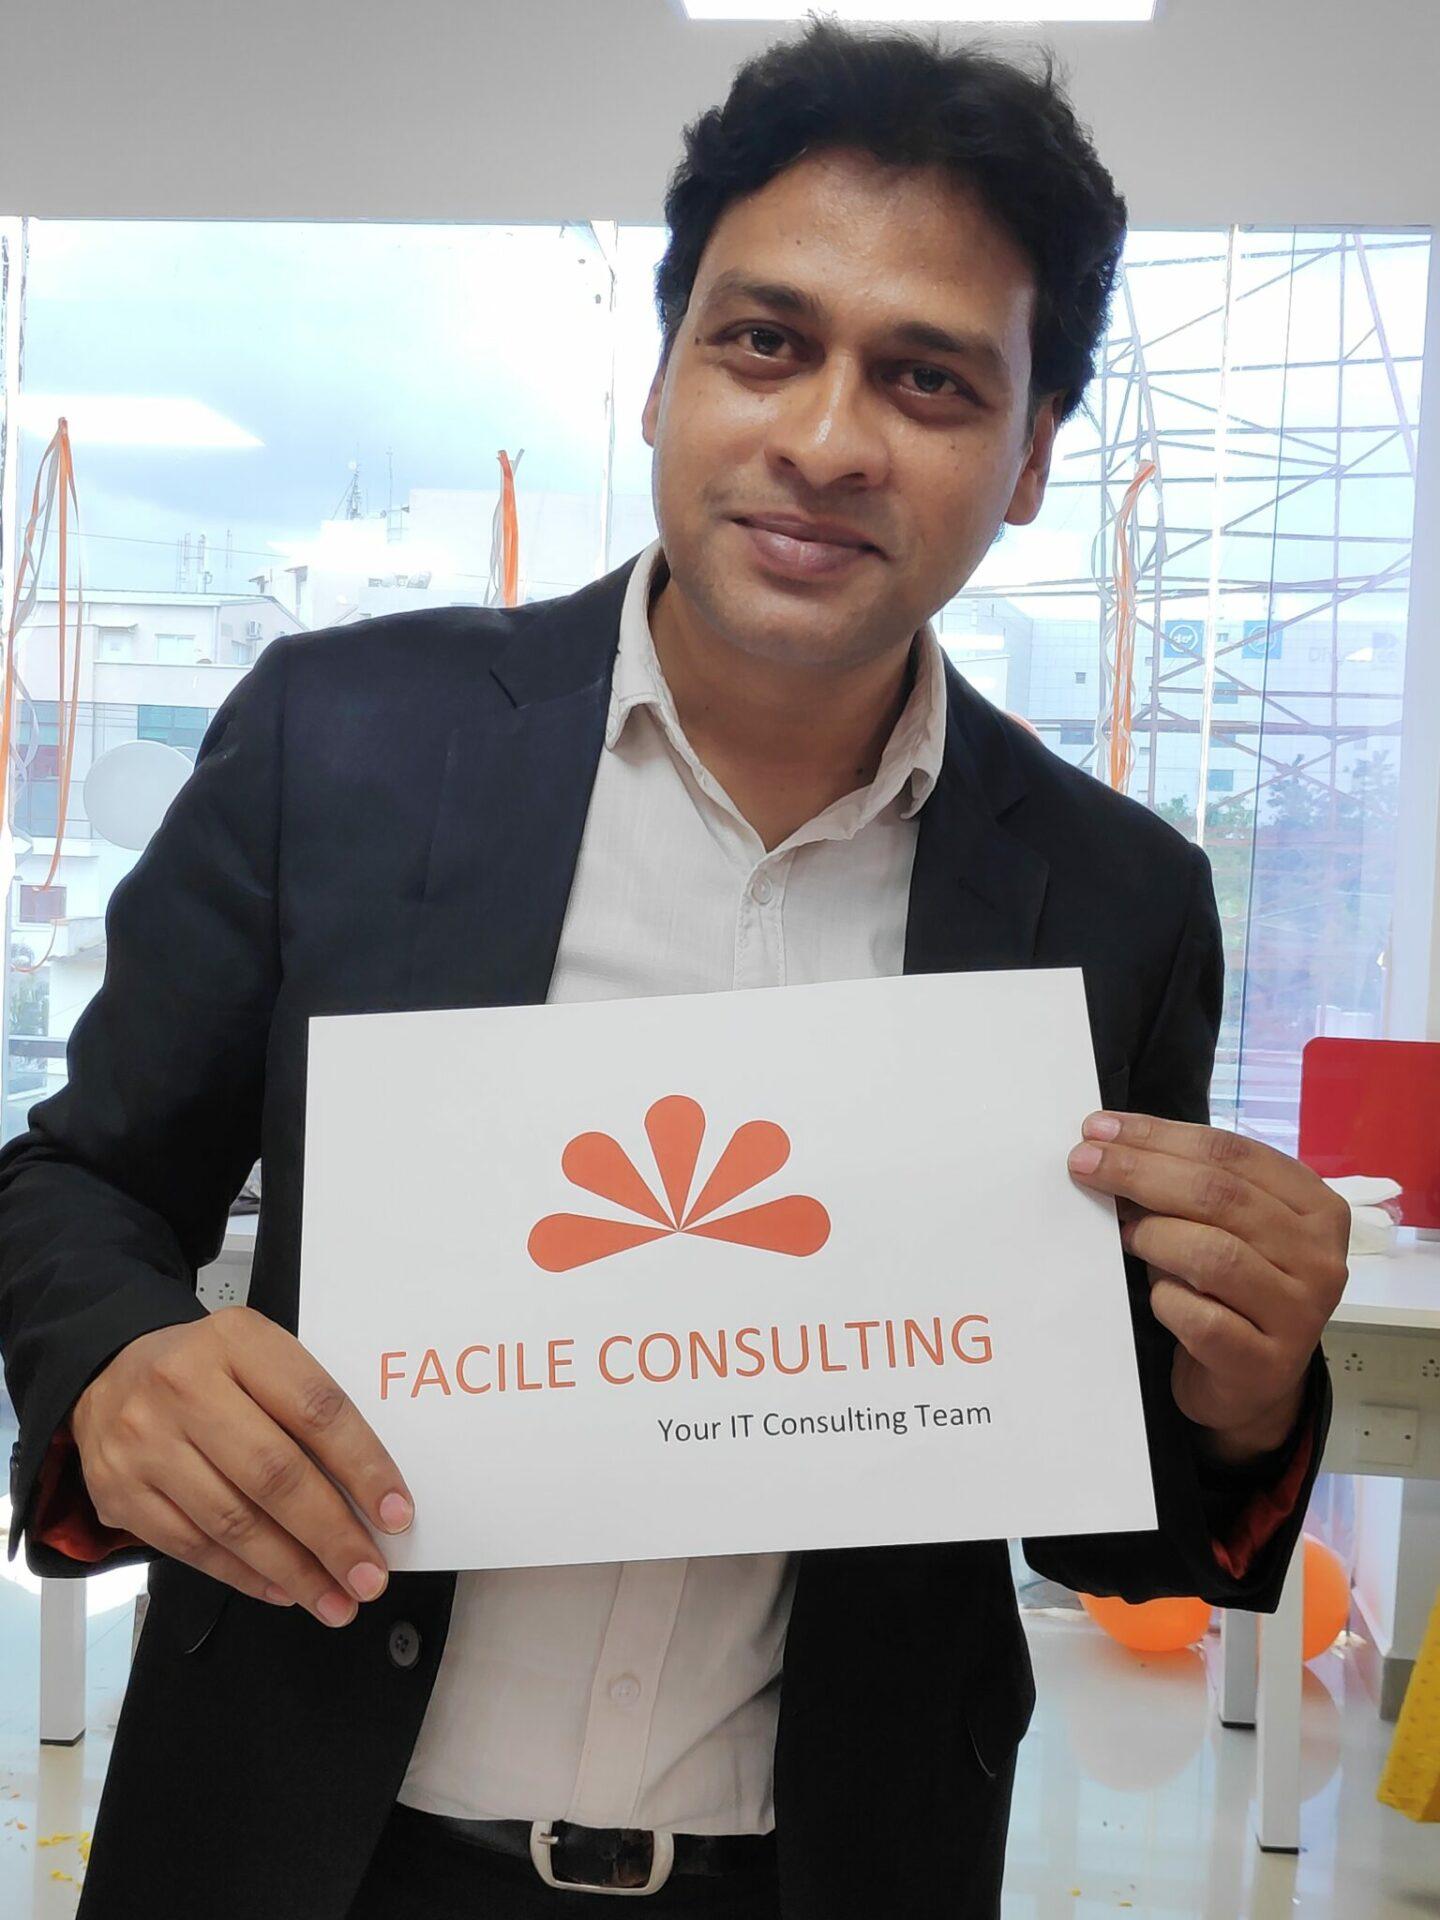 Nasim Ahmad Facile Consulting